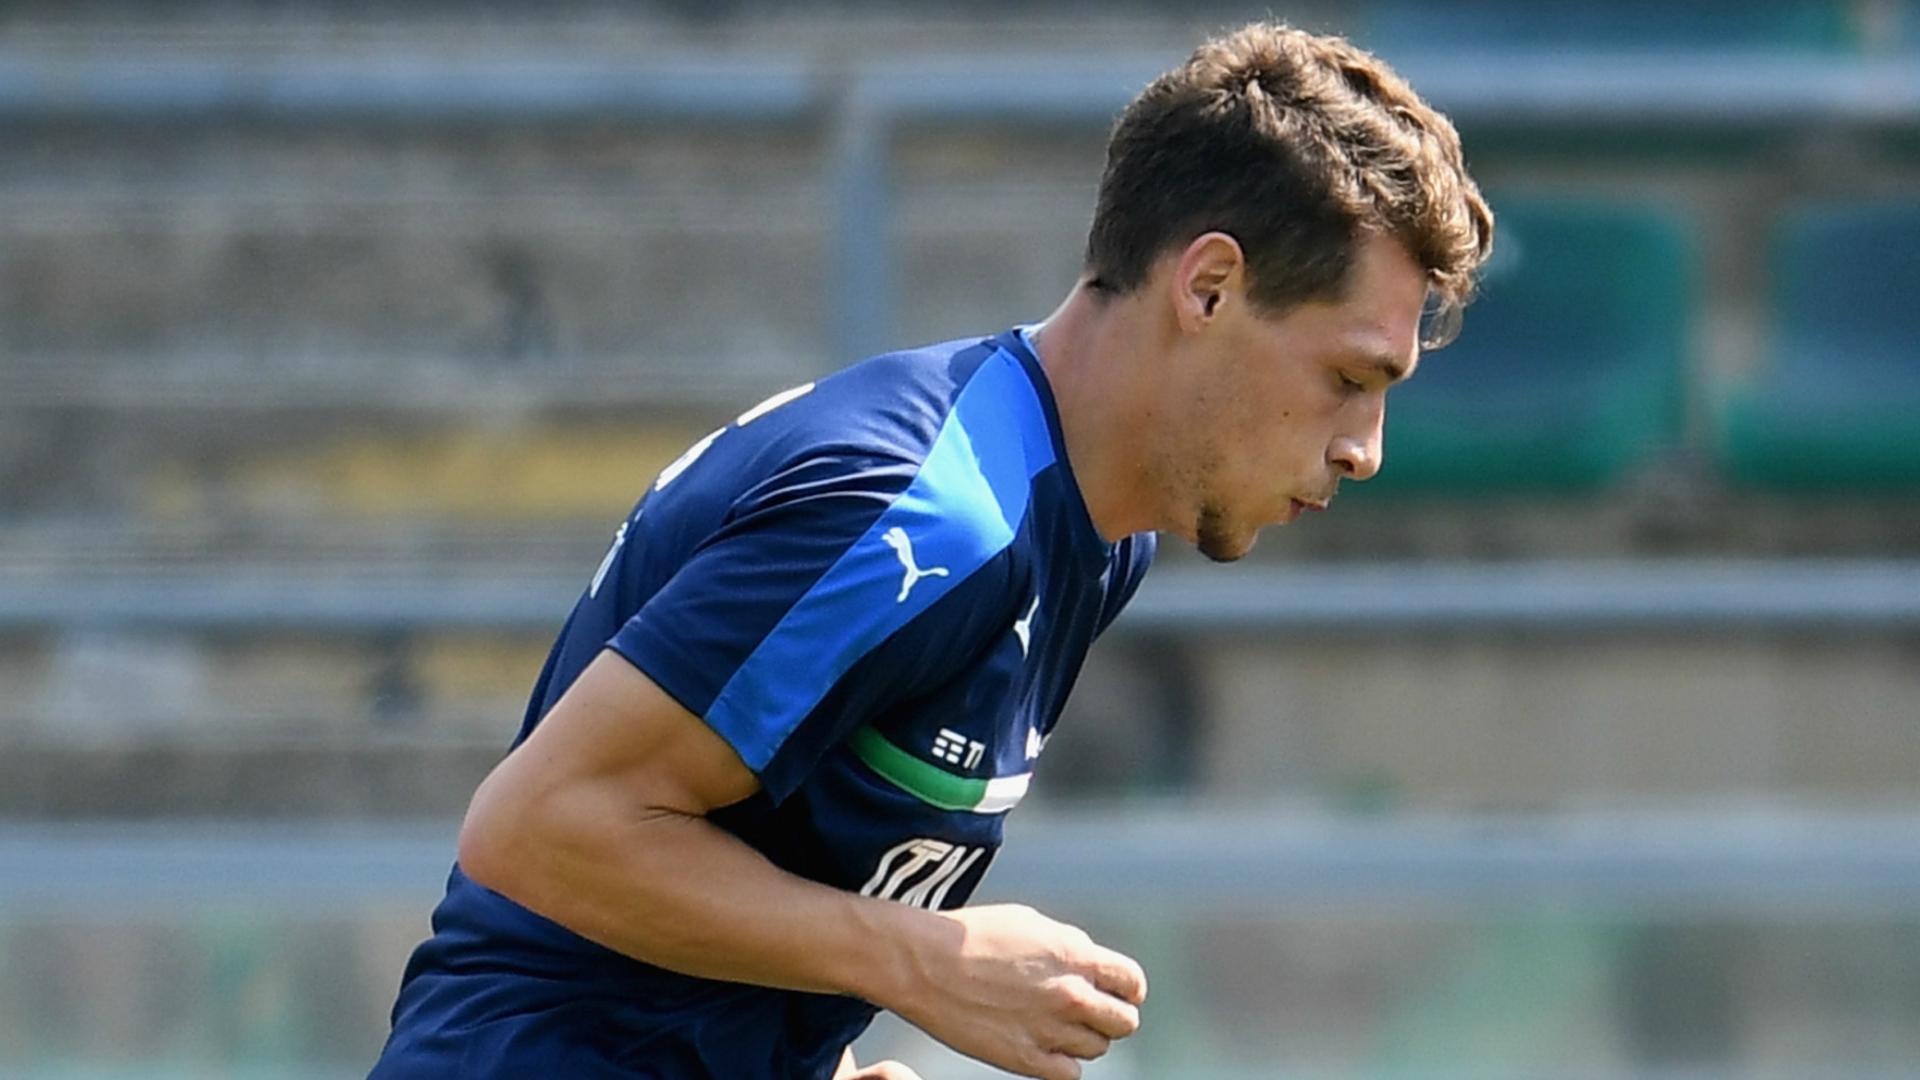 Qui Torino, infortunio muscolare per Belotti: a rischio per la Fiorentina